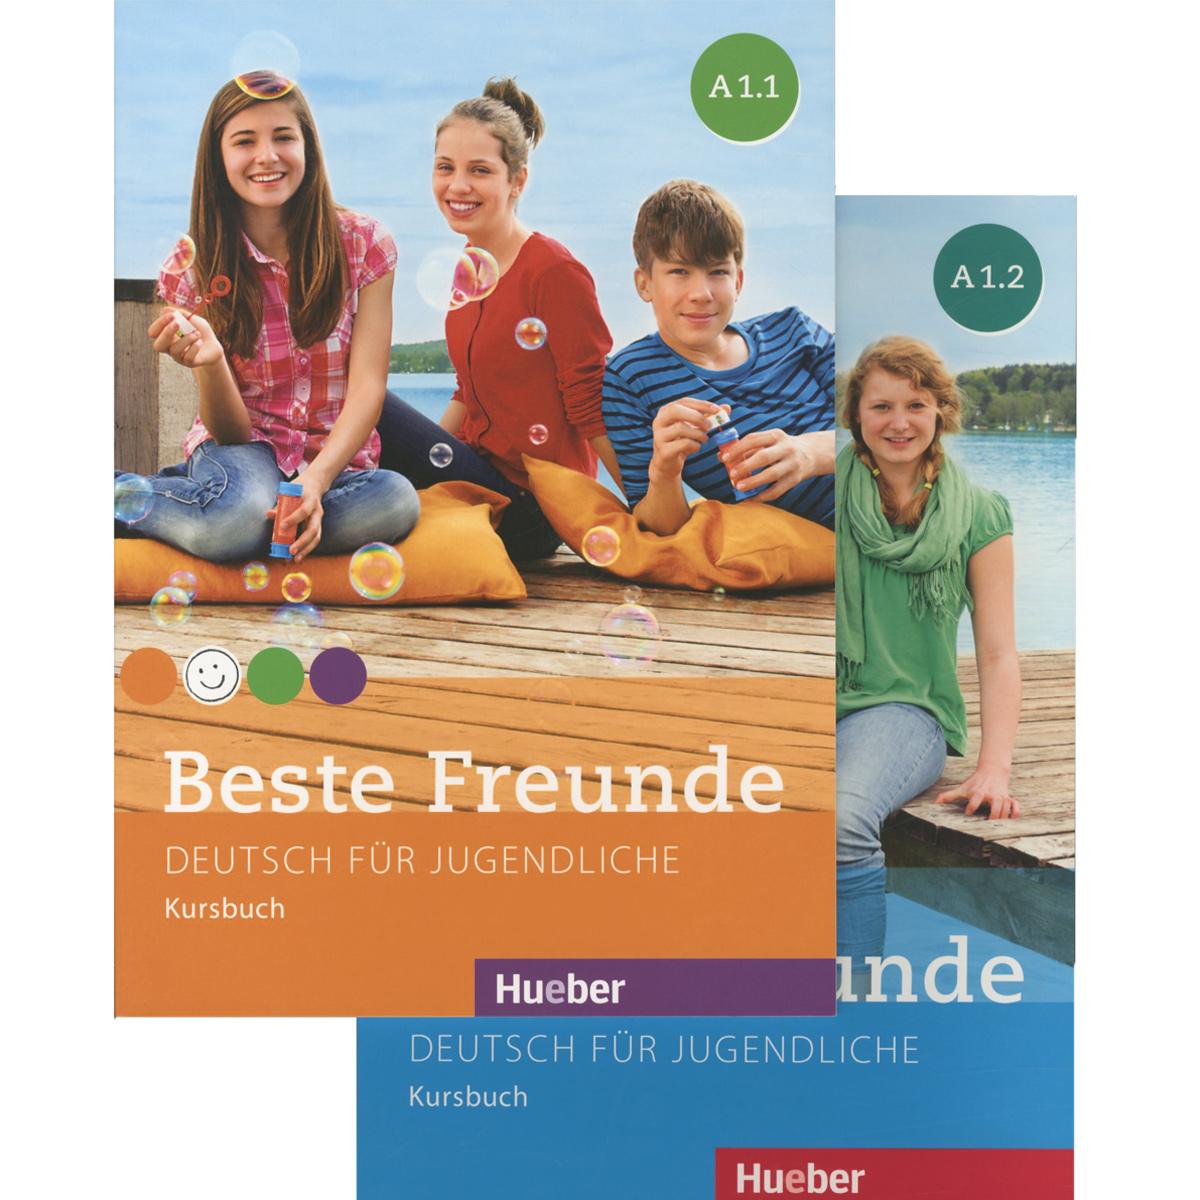 где купить Beste Freunde: Deutsch fur jugendliche: Kursbuch (комплект из 2 книг) дешево